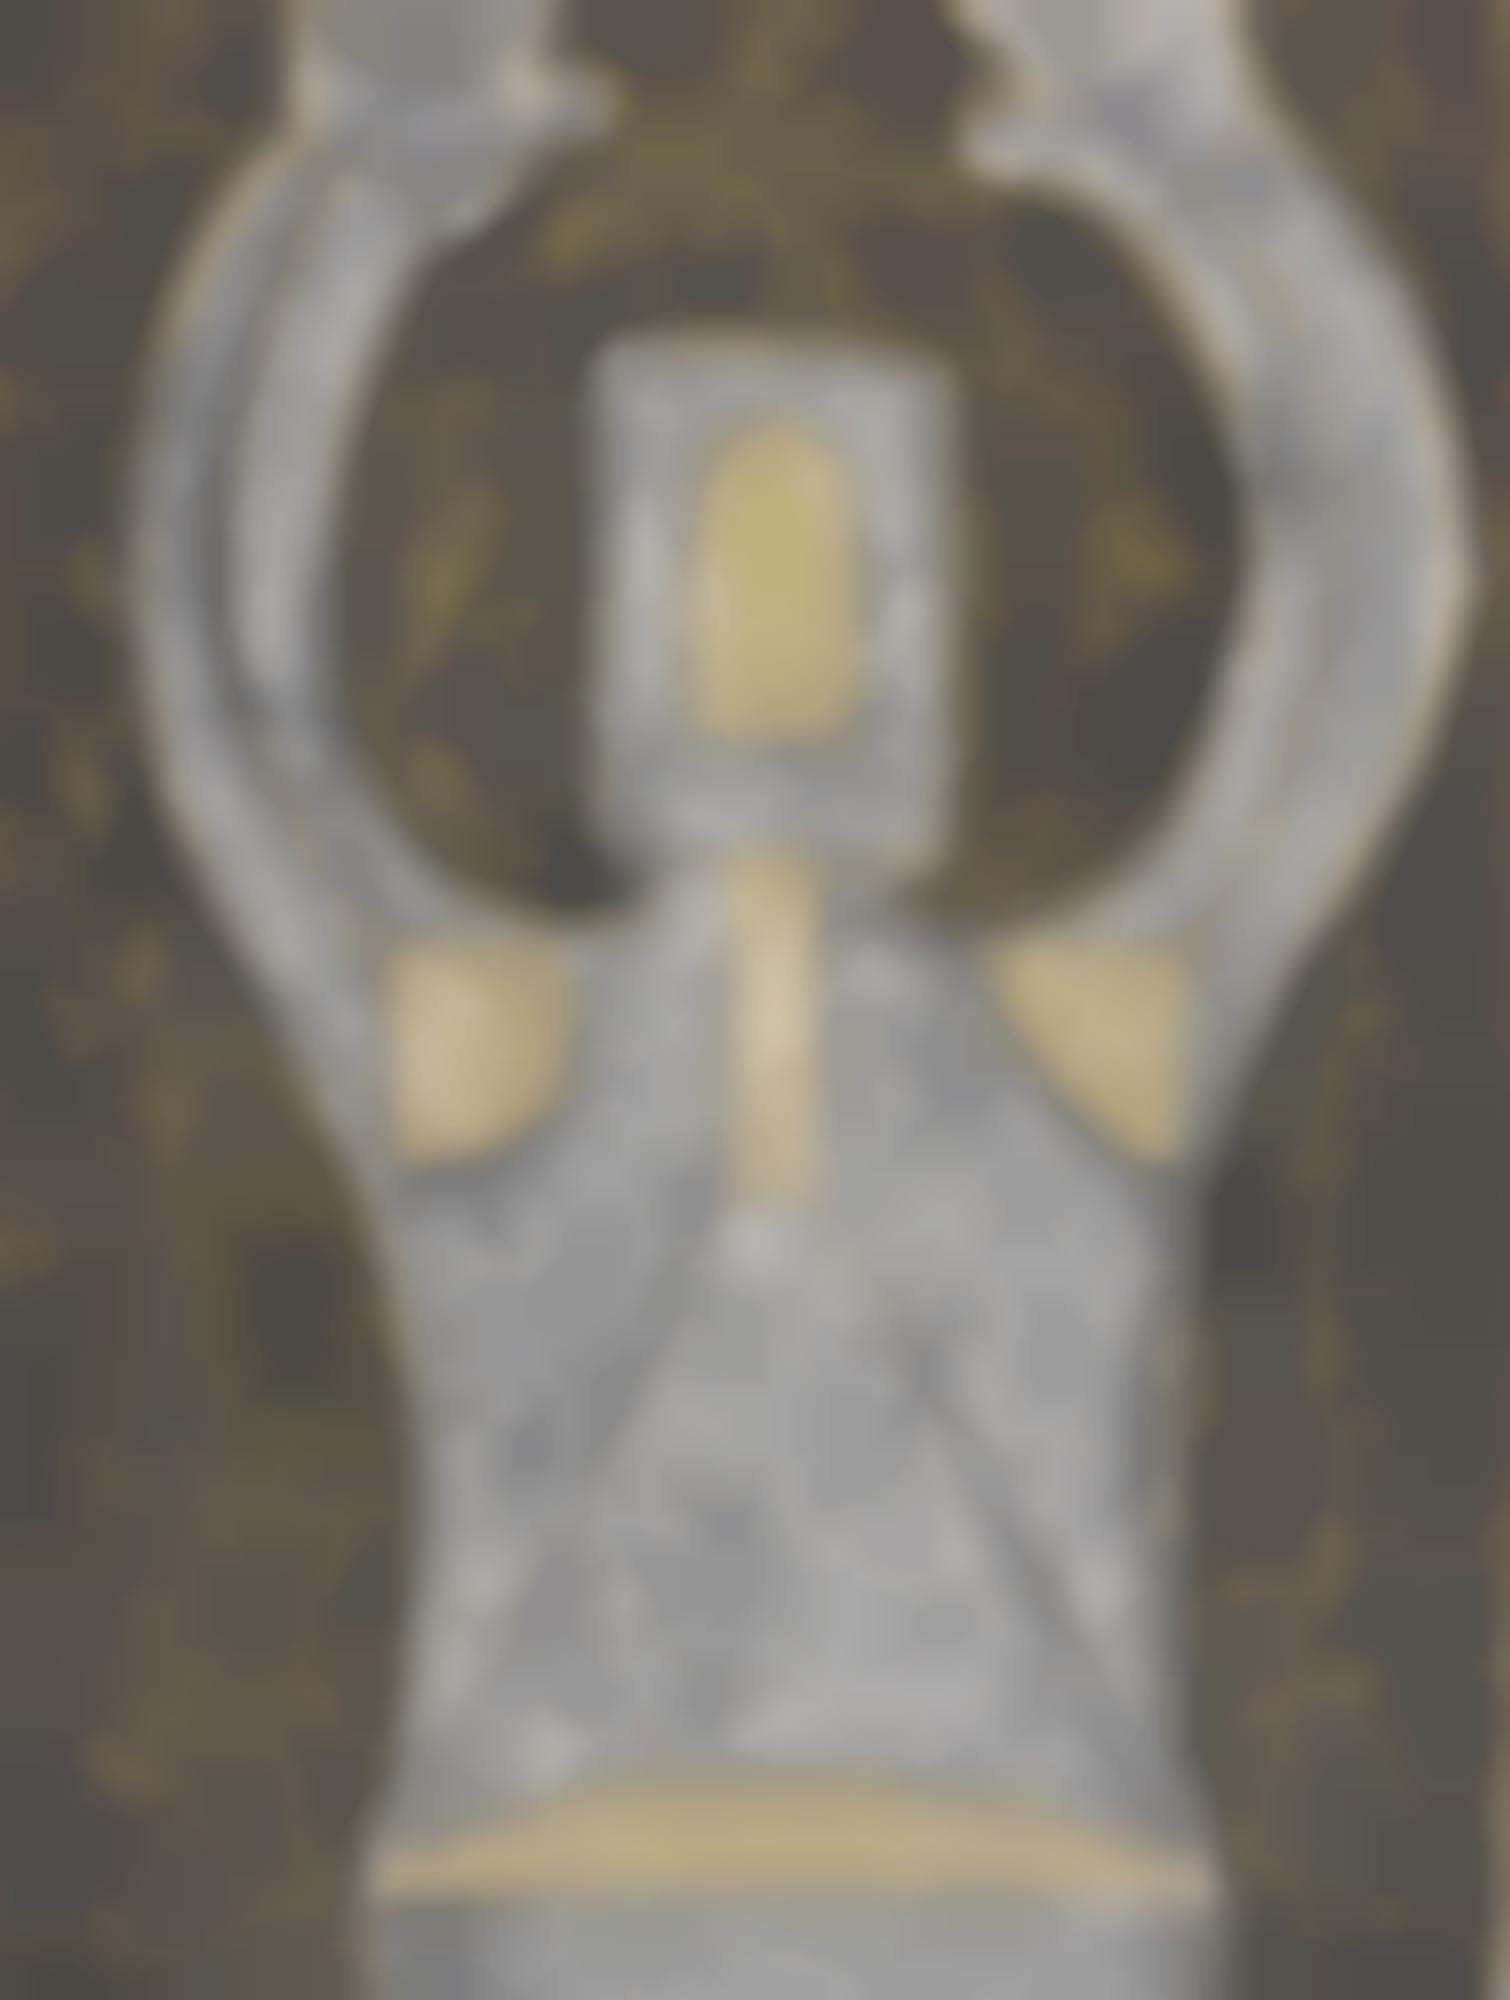 Rufino Tamayo-Personaje En Blanco Hombre Con Sombrero And Dos Cabezas (Fundacion Olga Y Rufino Tamayo 170 175 184)-